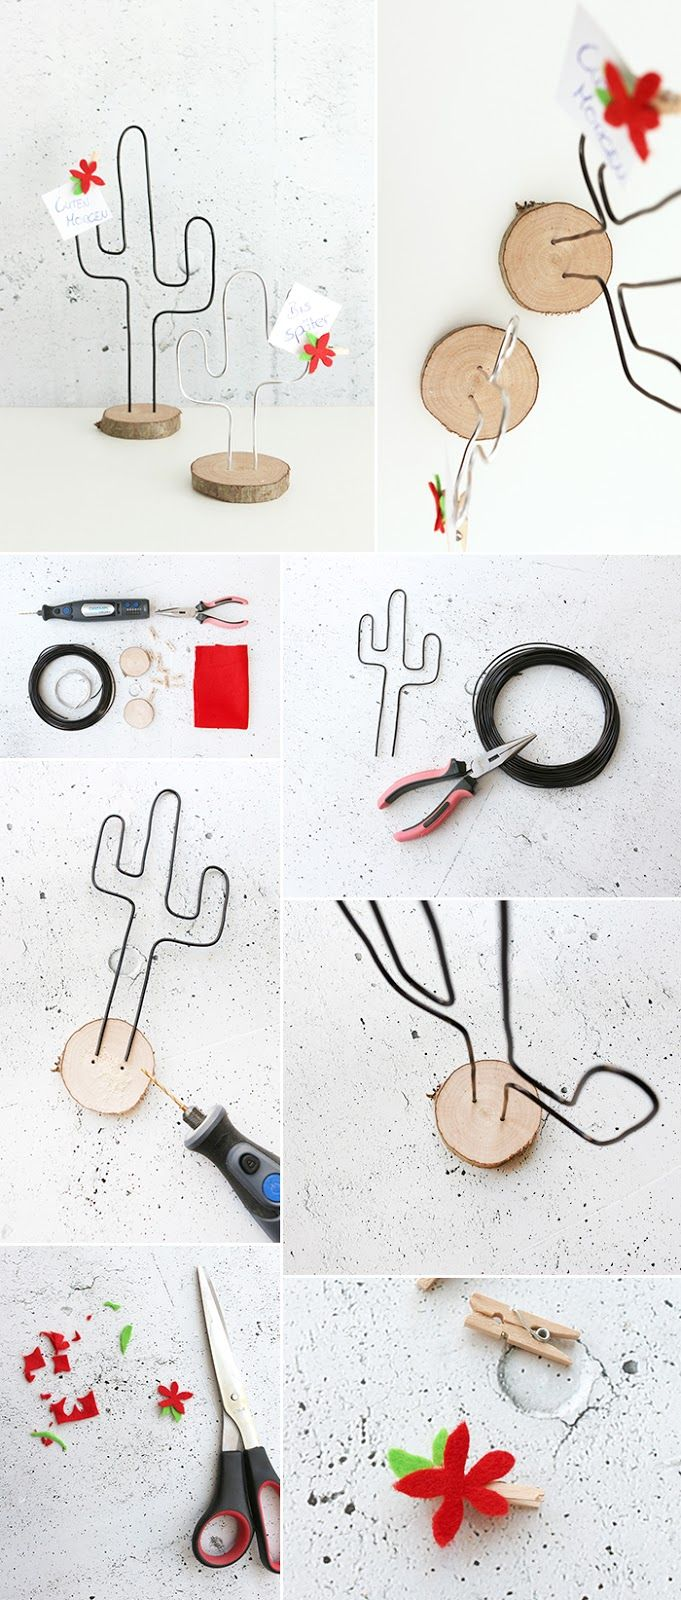 Do it yourself: Kaktus-Notizhalter aus Draht und Baumscheibe basteln